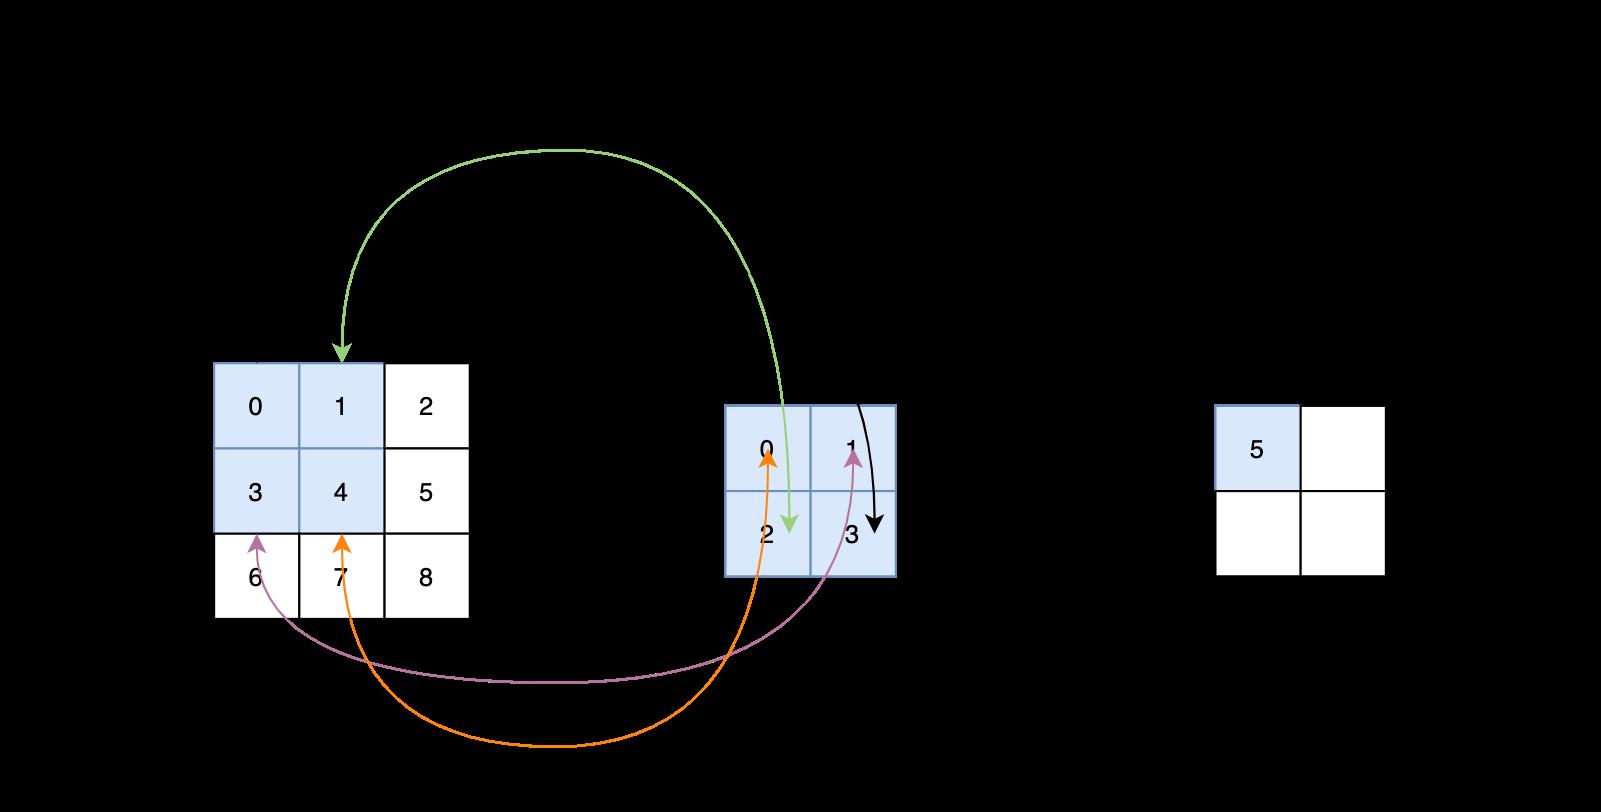 图4 两个矩阵之间进行卷积运算